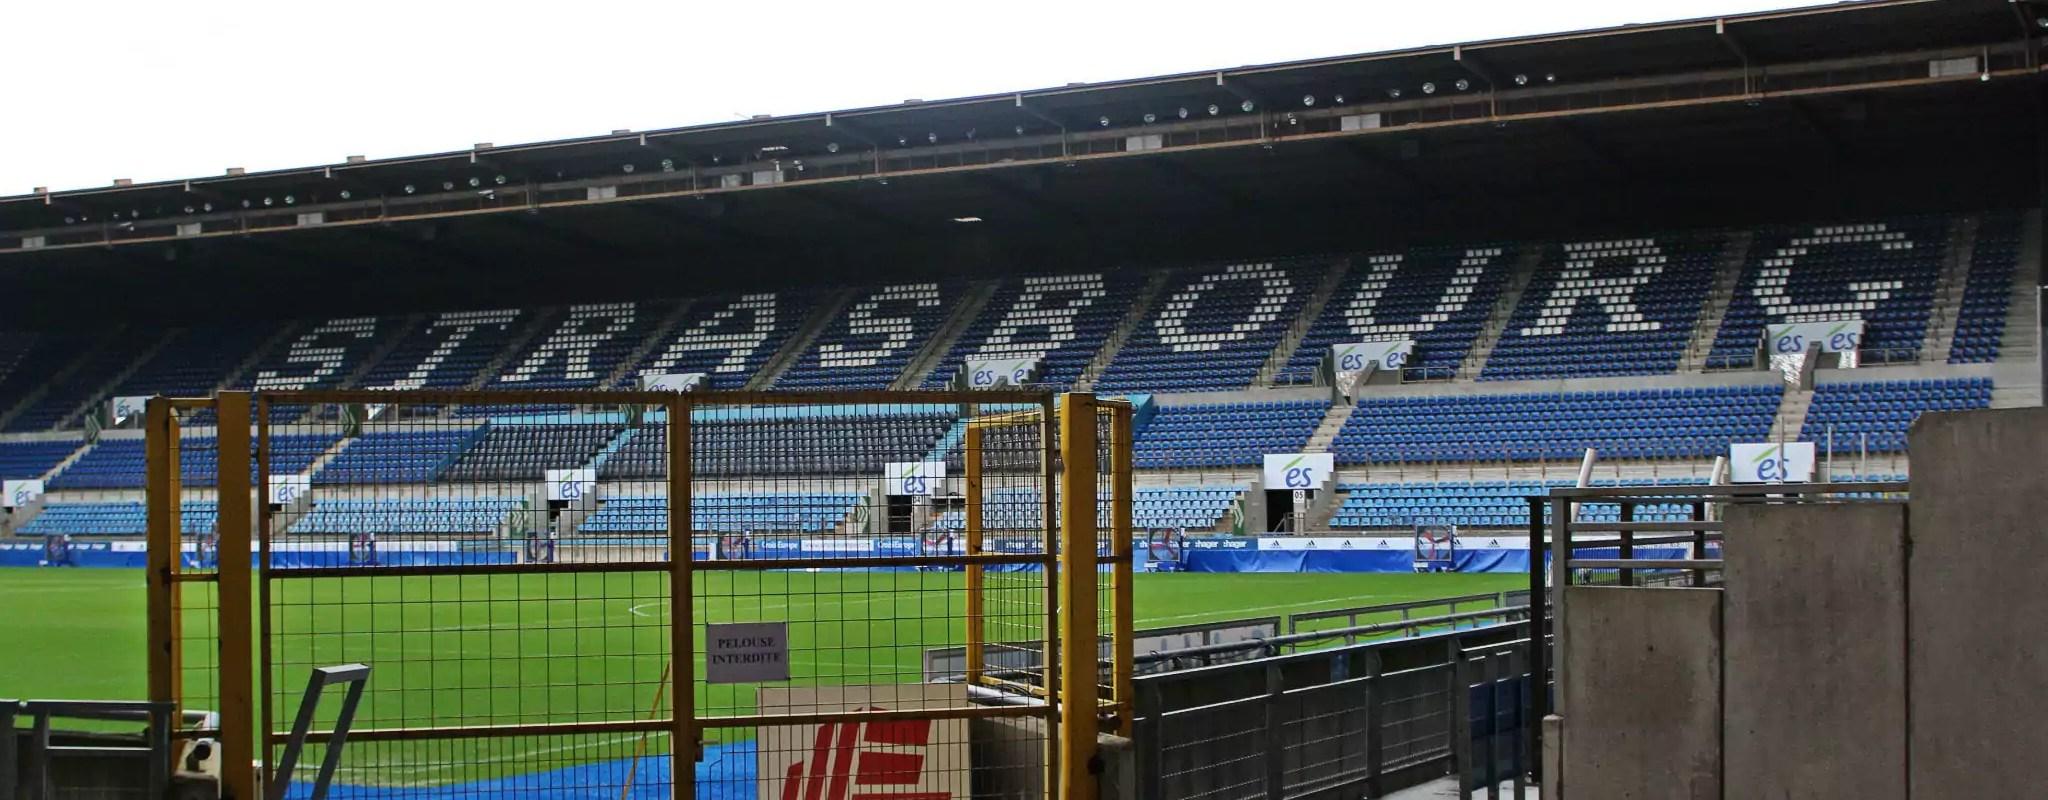 CTS, stade, médiathèque… Gros dossiers au conseil de l'Eurométropole